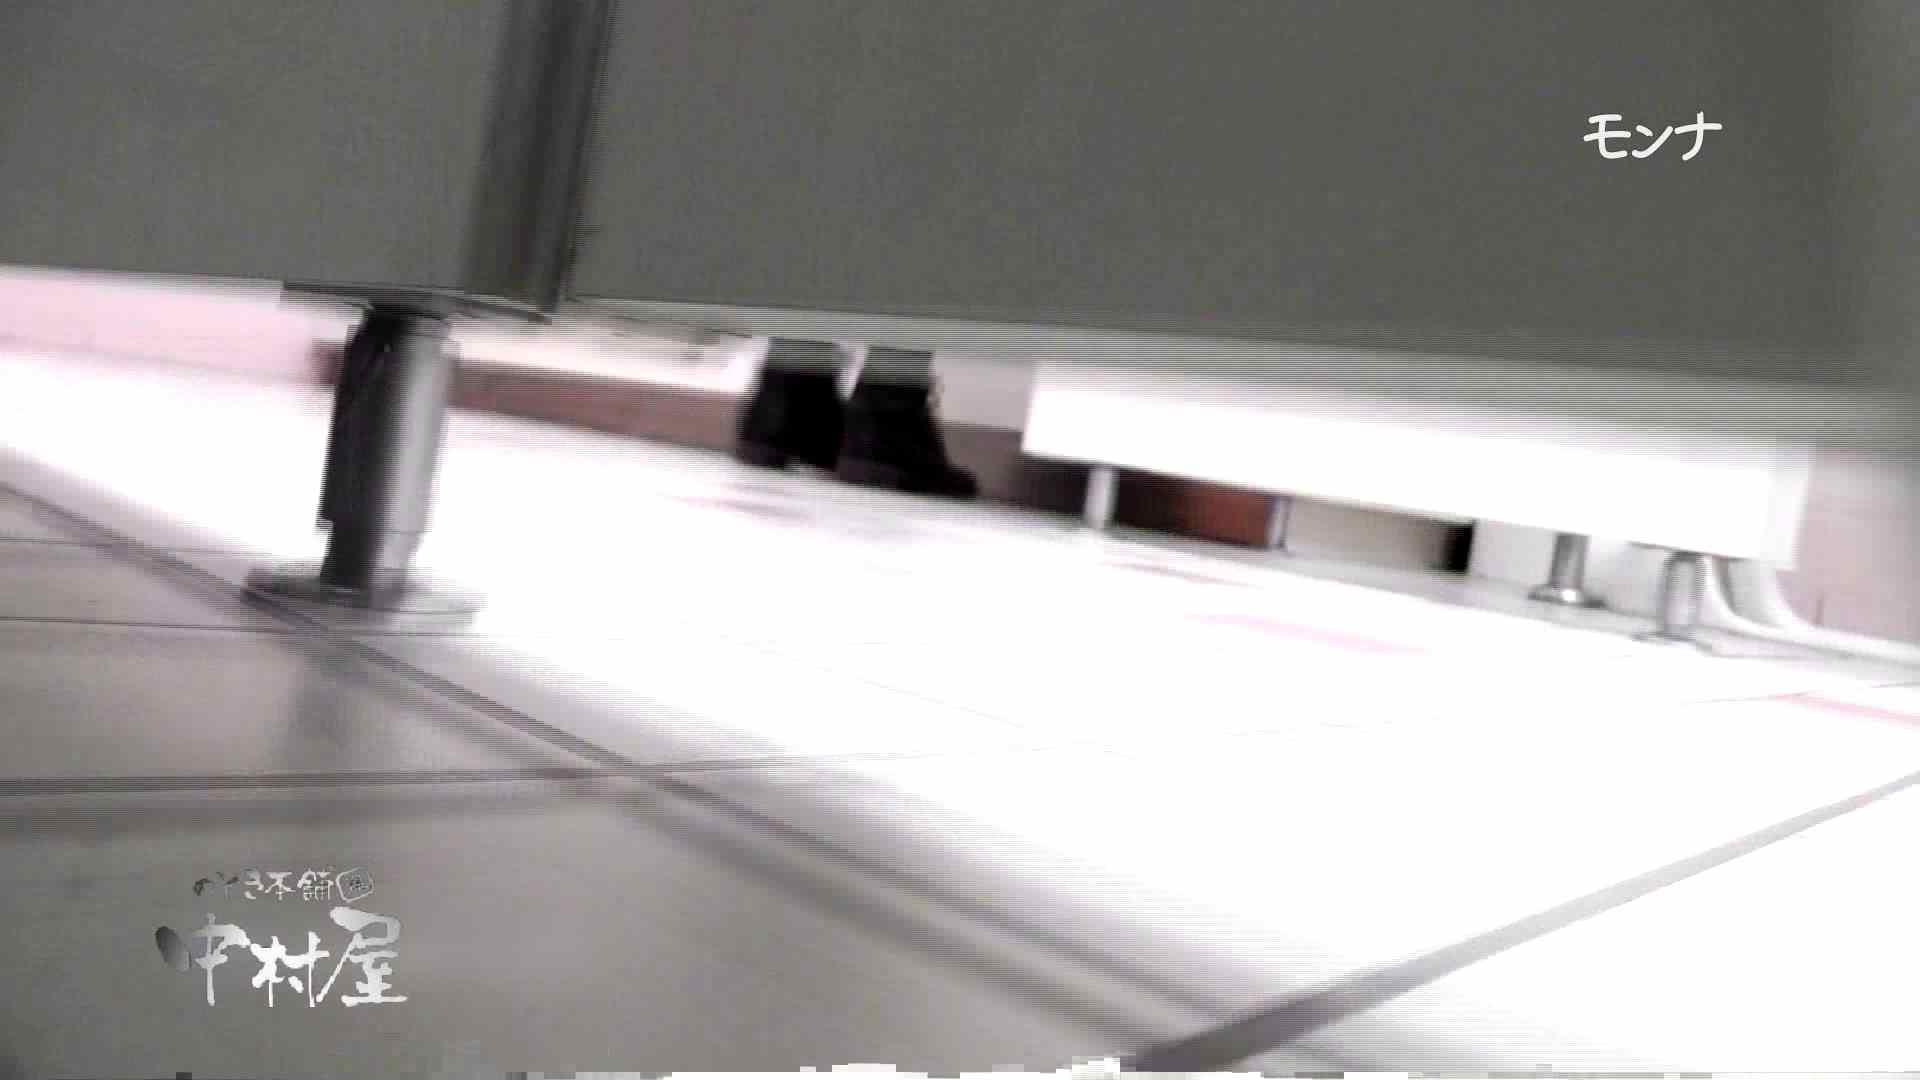 【美しい日本の未来】新学期!!下半身中心に攻めてます美女可愛い女子悪戯盗satuトイレ後編 トイレ われめAV動画紹介 100PIX 50